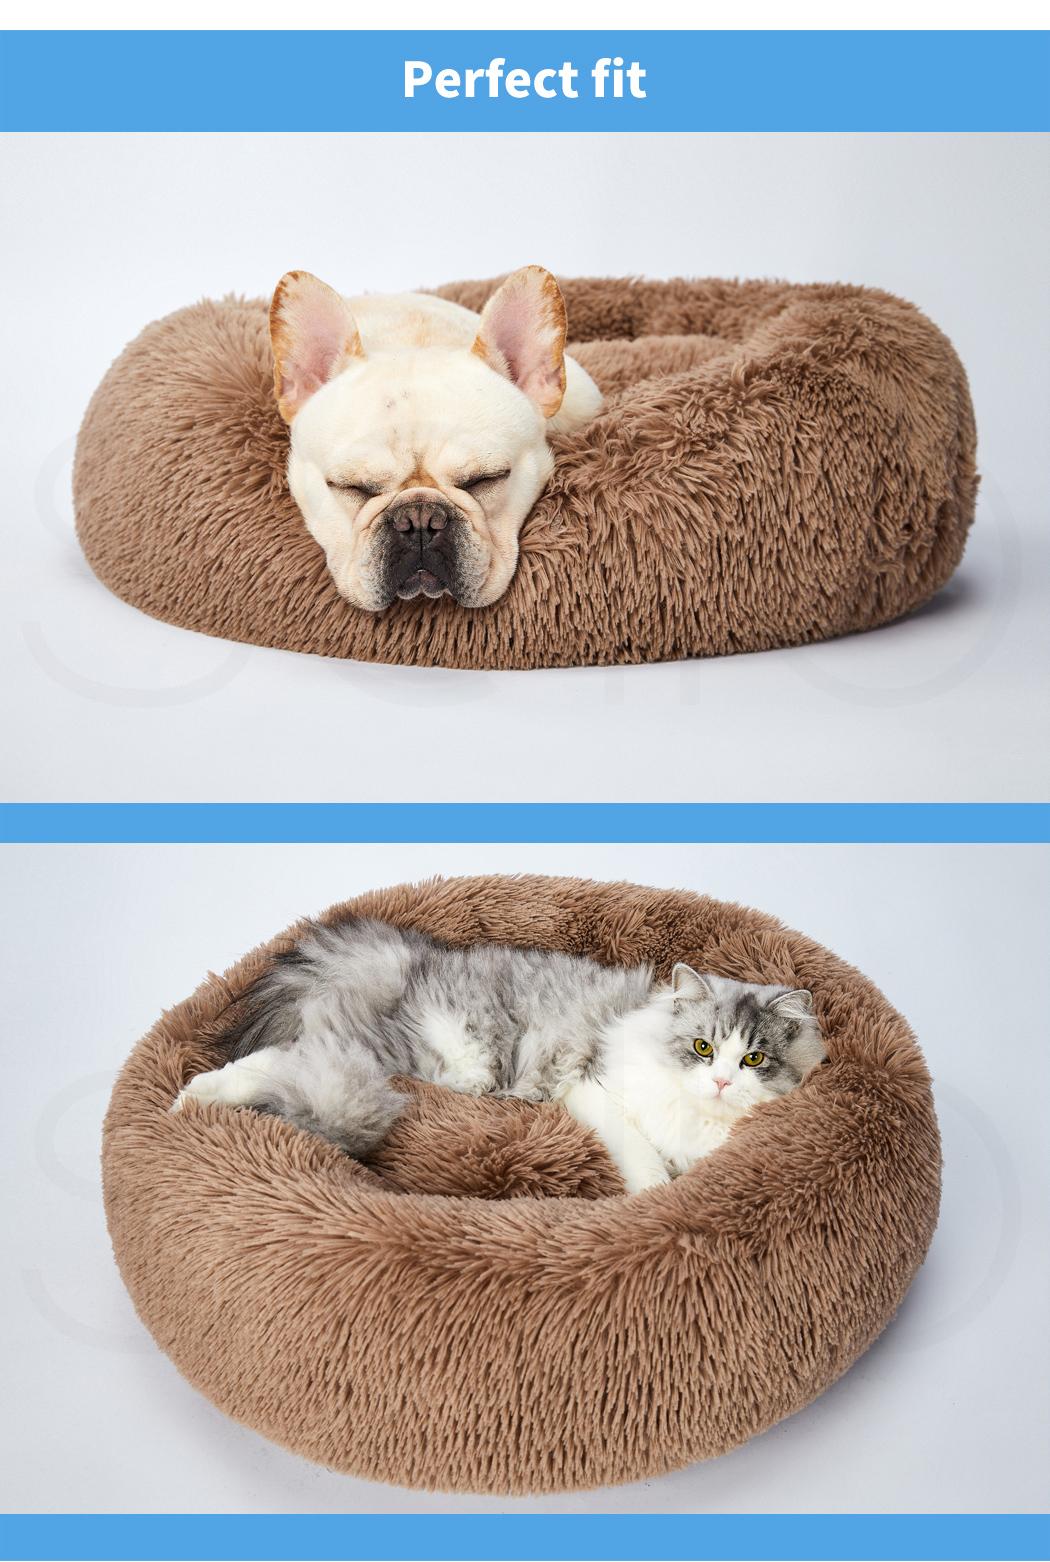 thumbnail 107 - PaWz Pet Bed Cat Dog Donut Nest Calming Mat Soft Plush Kennel Cave Deep Sleeping